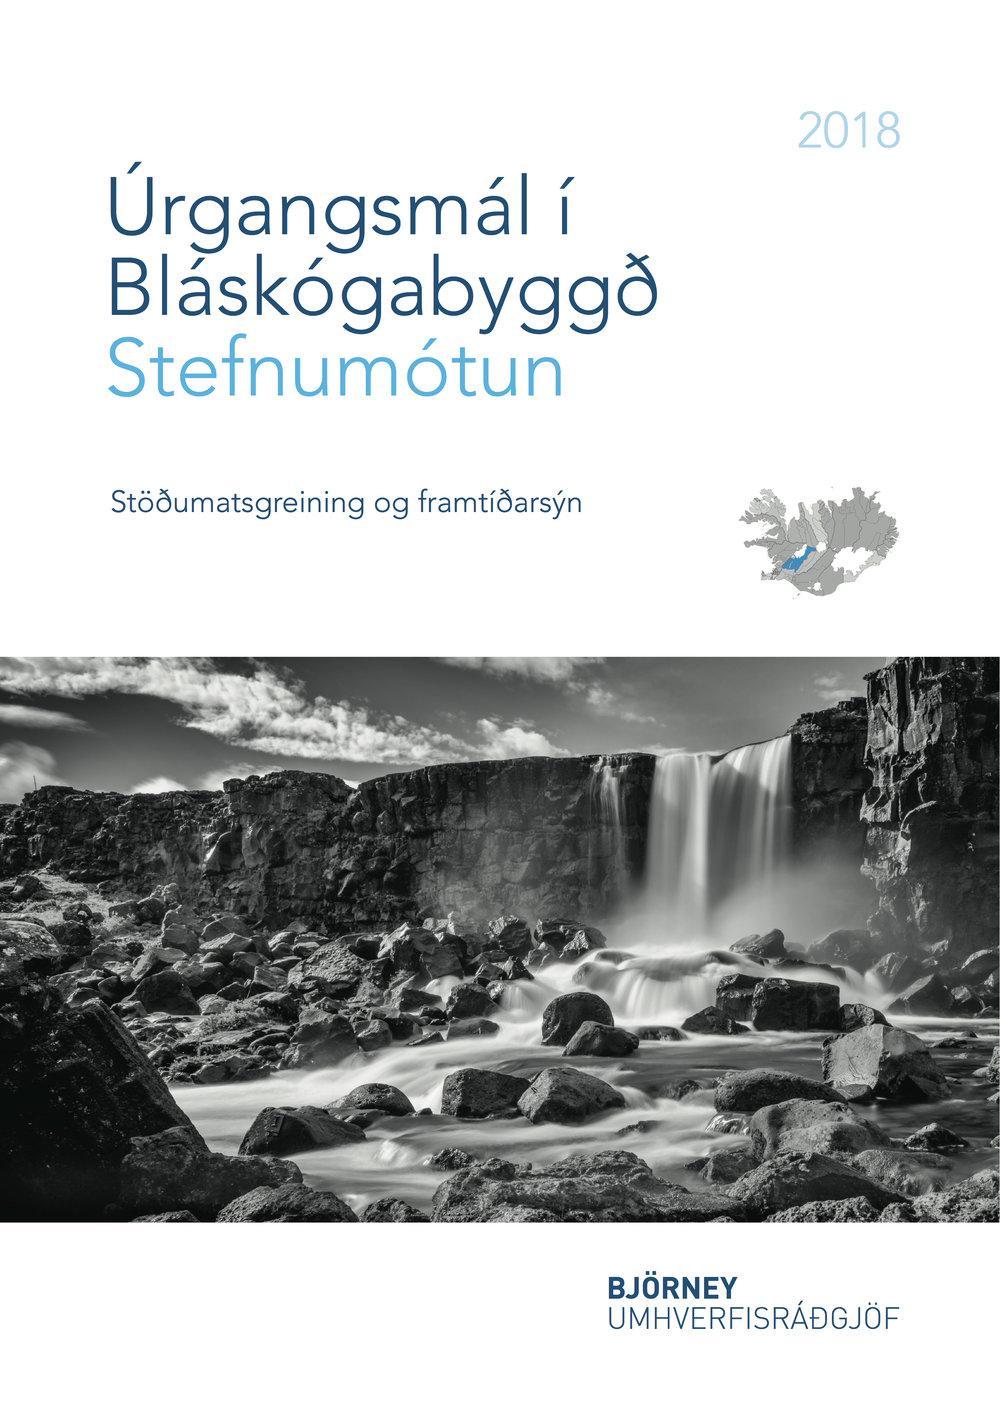 Úrgangsmál í Bláskógabyggð - Stefnumótun - Stöðumatsgreining og framtíðarsýn - Forsíða.jpg